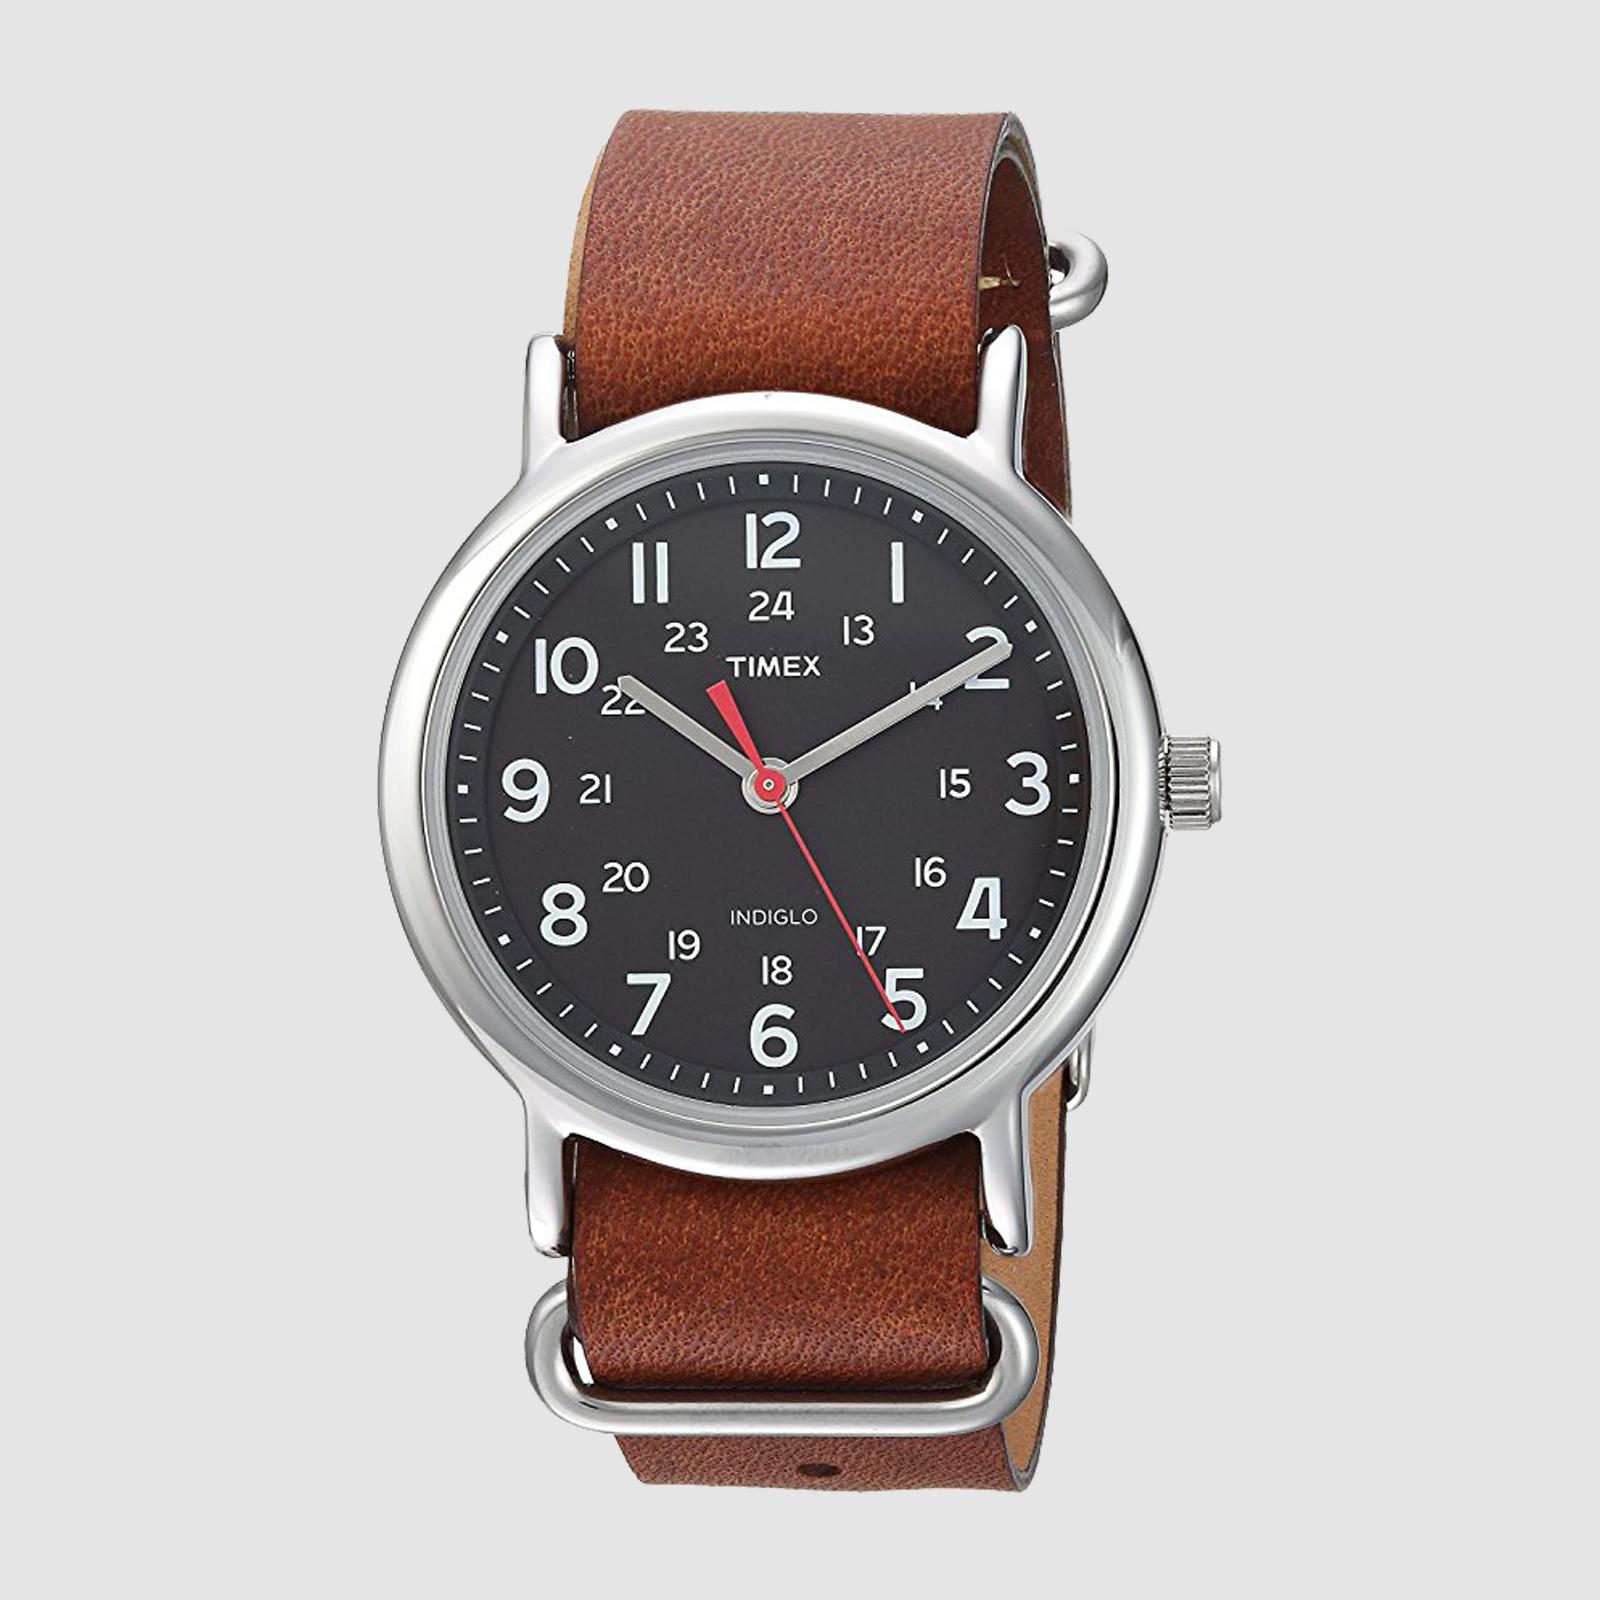 Timex Weekender 38mm Watch, $32 Amazon